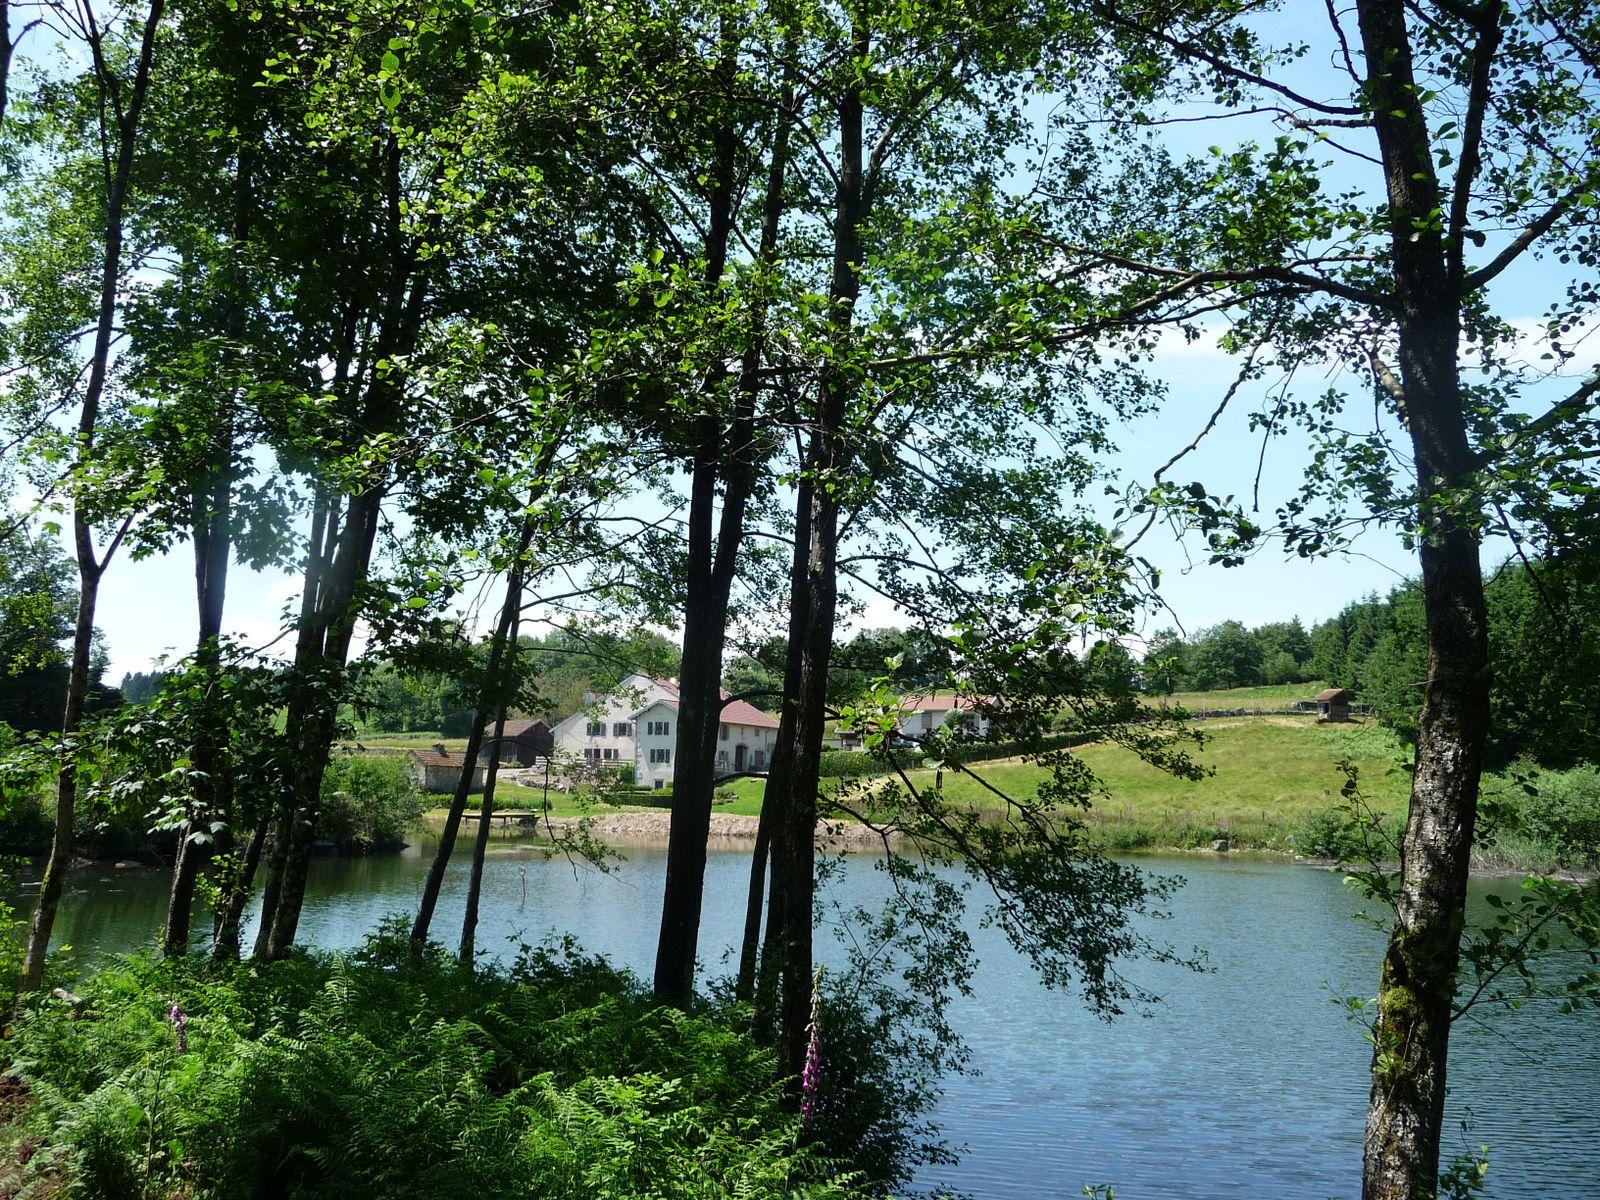 vue du site depuis la chaussée de l'étang